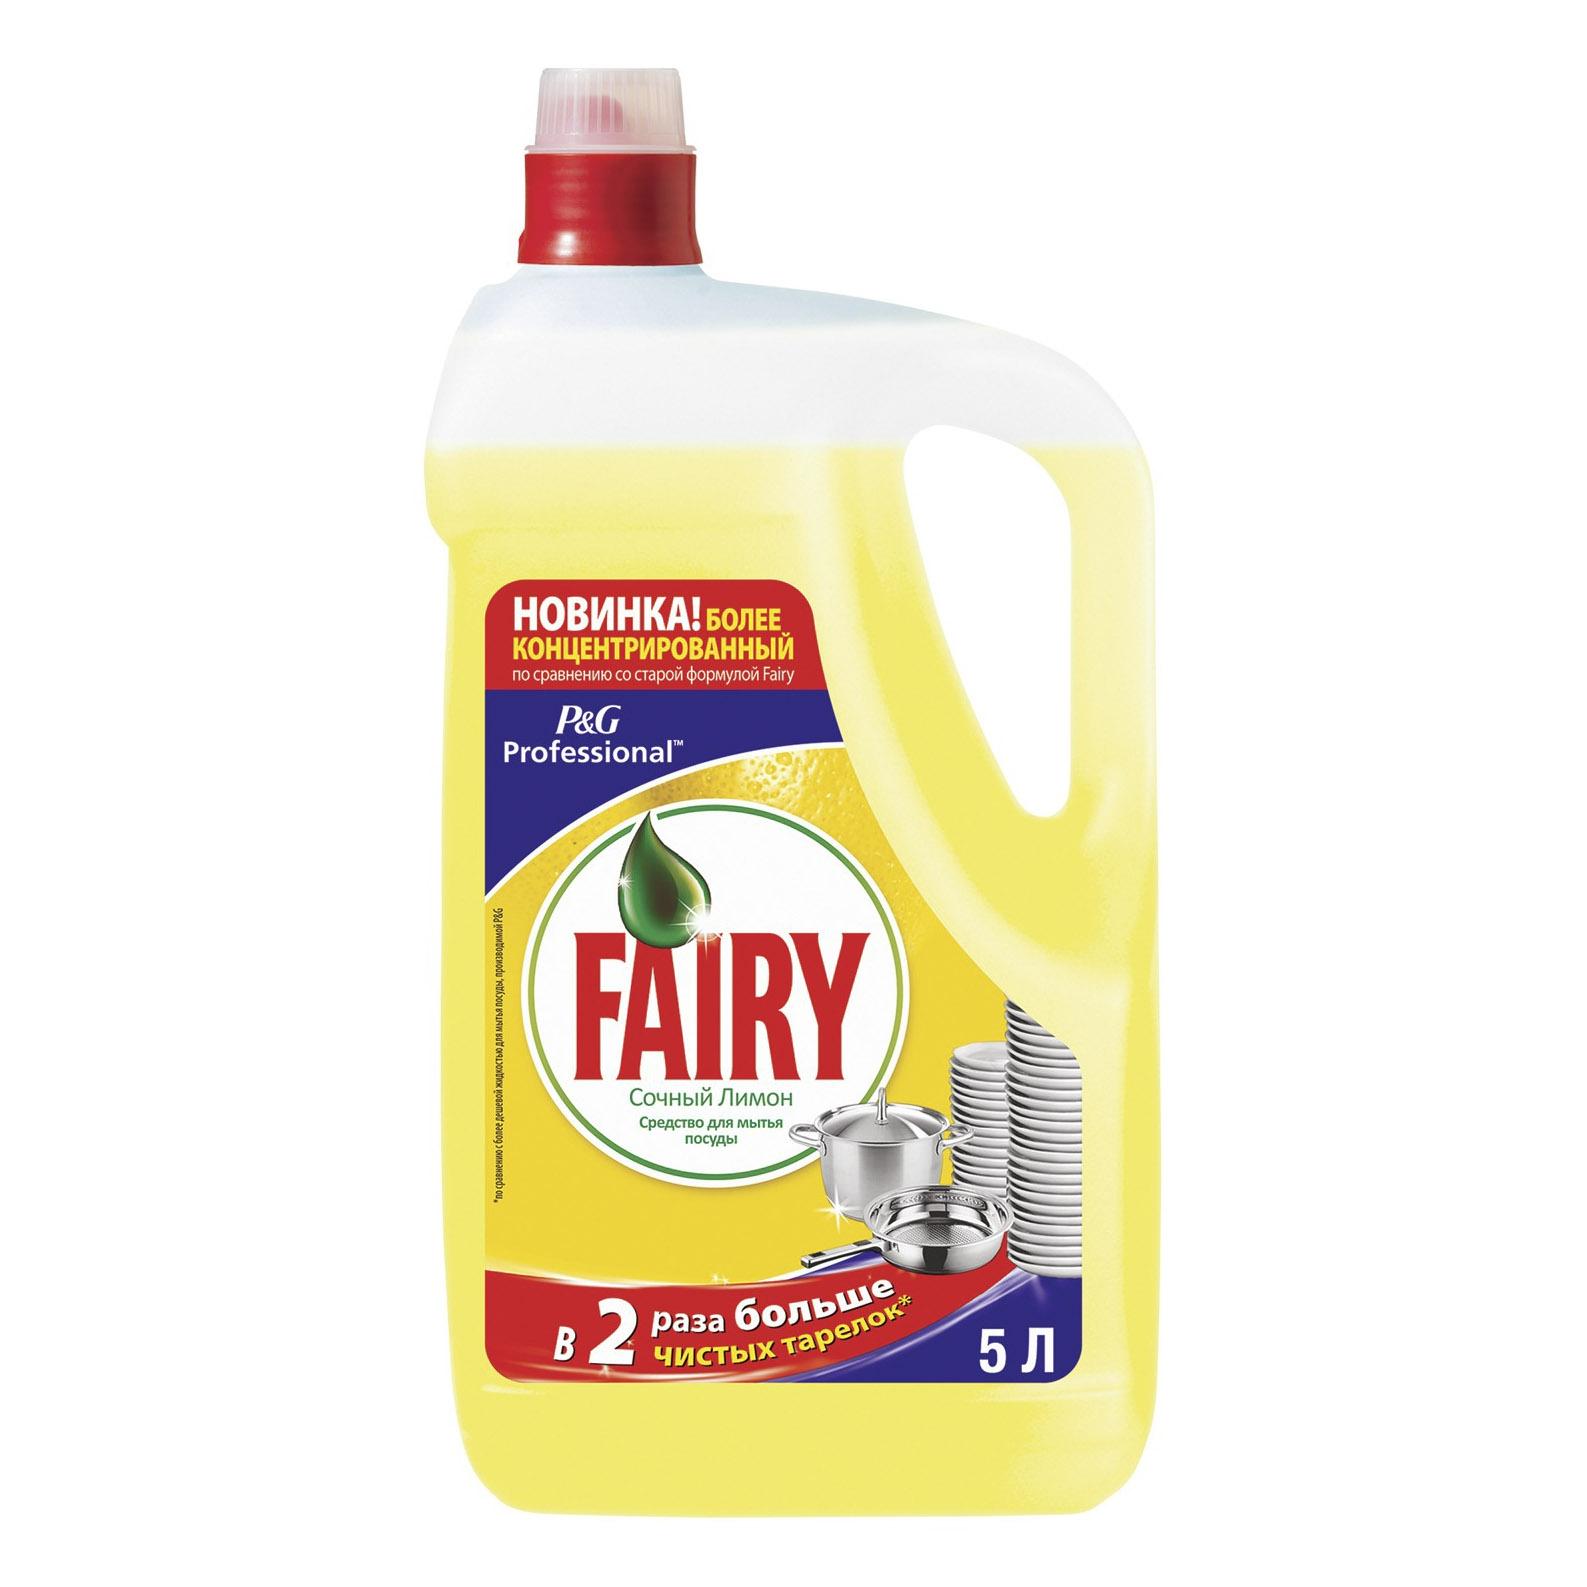 Фото - Средство для мытья посуды Fairy Professional Сочный лимон 5 л средство для мытья посуды fairy сочный лимон 900мл